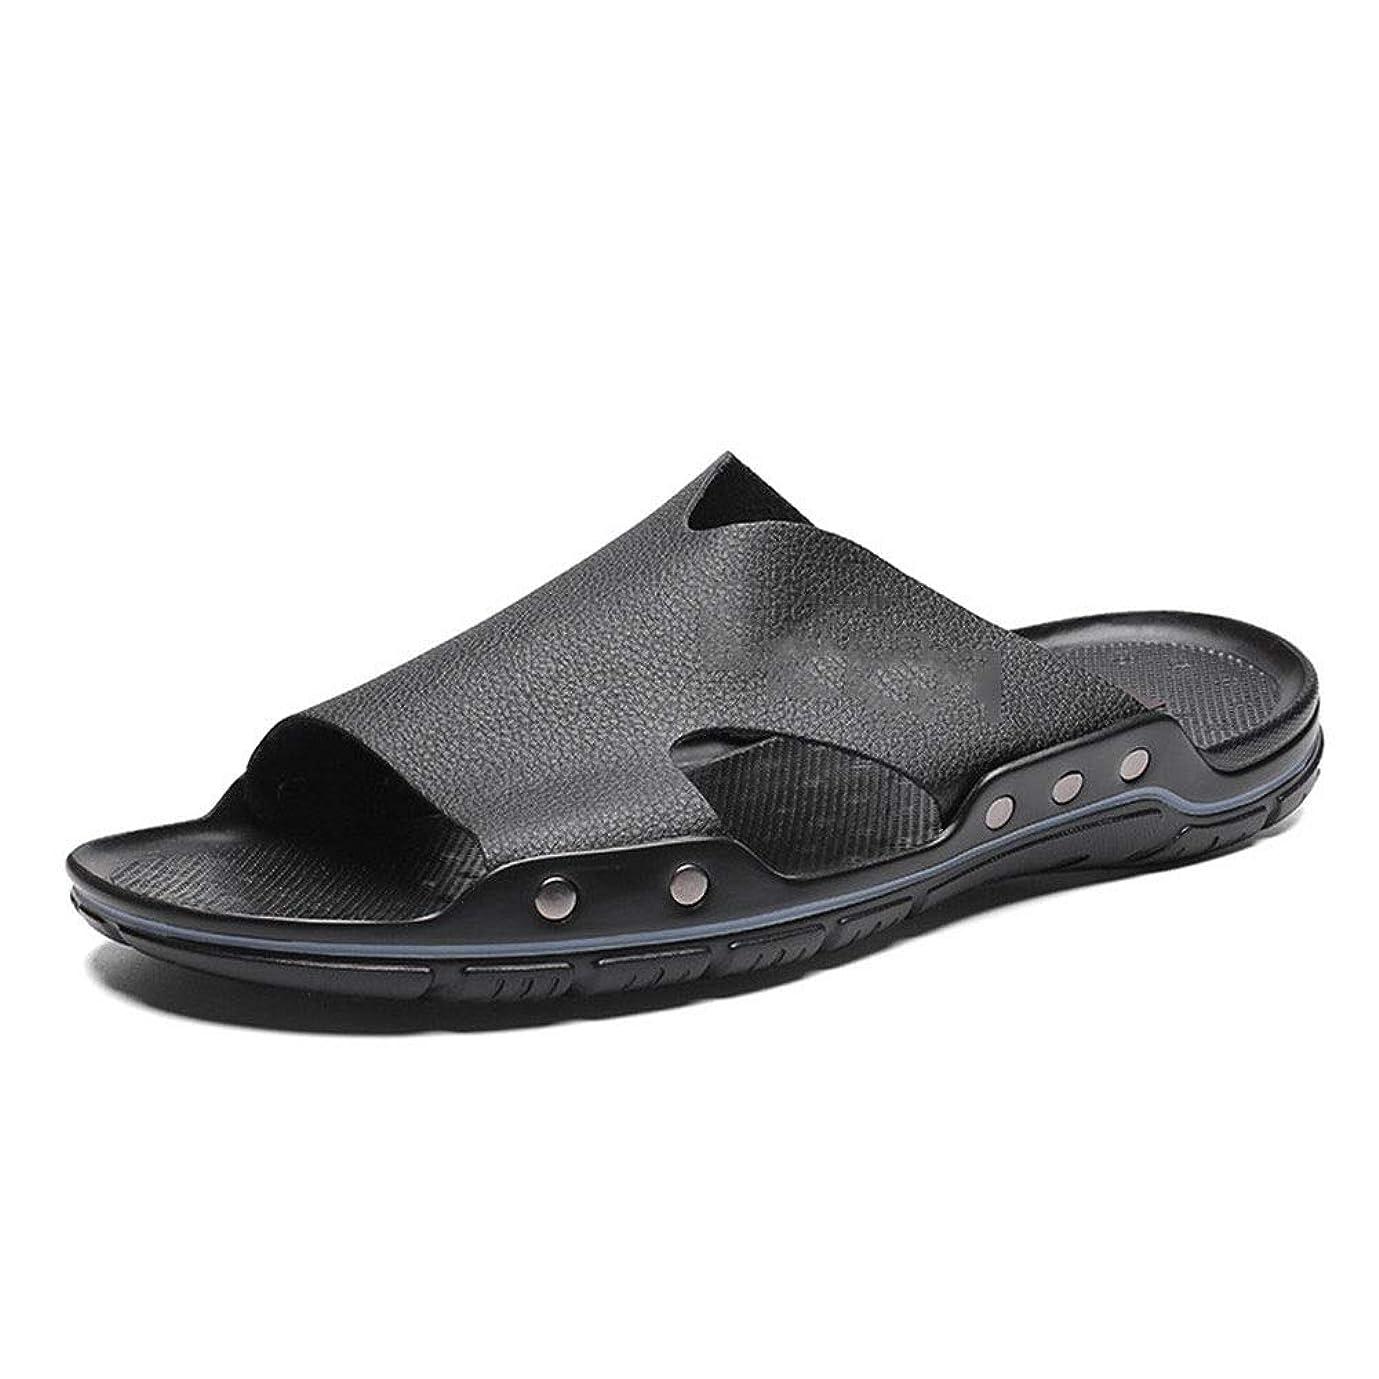 プライバシーカーペットマティスサンダル メンズ 本革 オフィス メンズビーチシューズ夏ワタリの靴軽量通気性、ソフトノンスリップサンダル ビーチ スポーツ スリッパ (Color : Black, Size : 42)